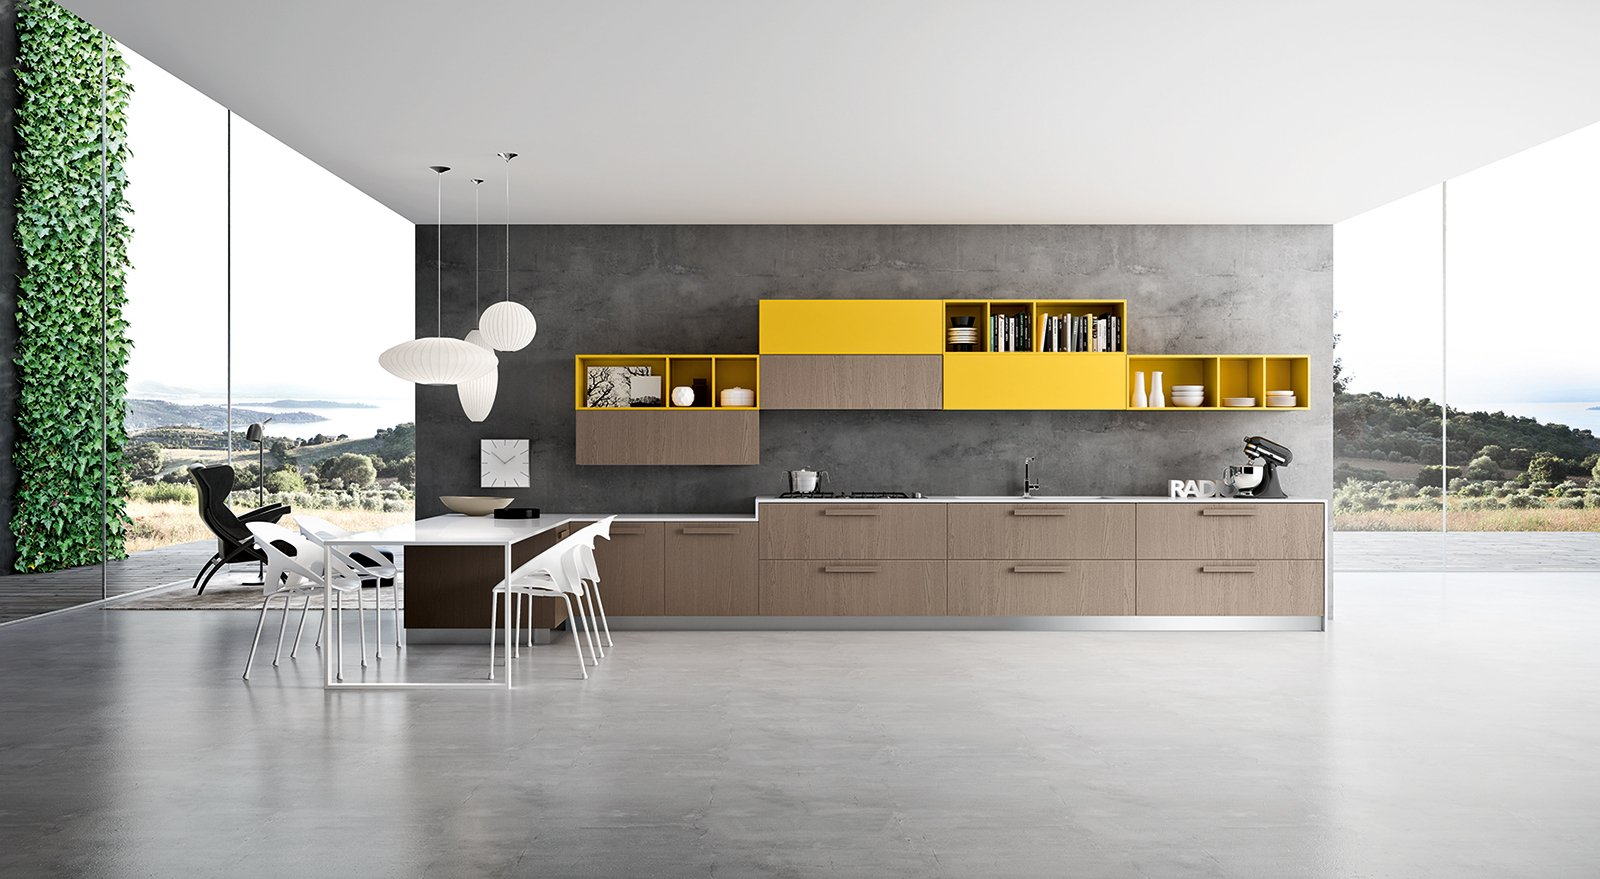 Nuove cucine con maniglia protagonista cose di casa - Immagini cucine moderne ...